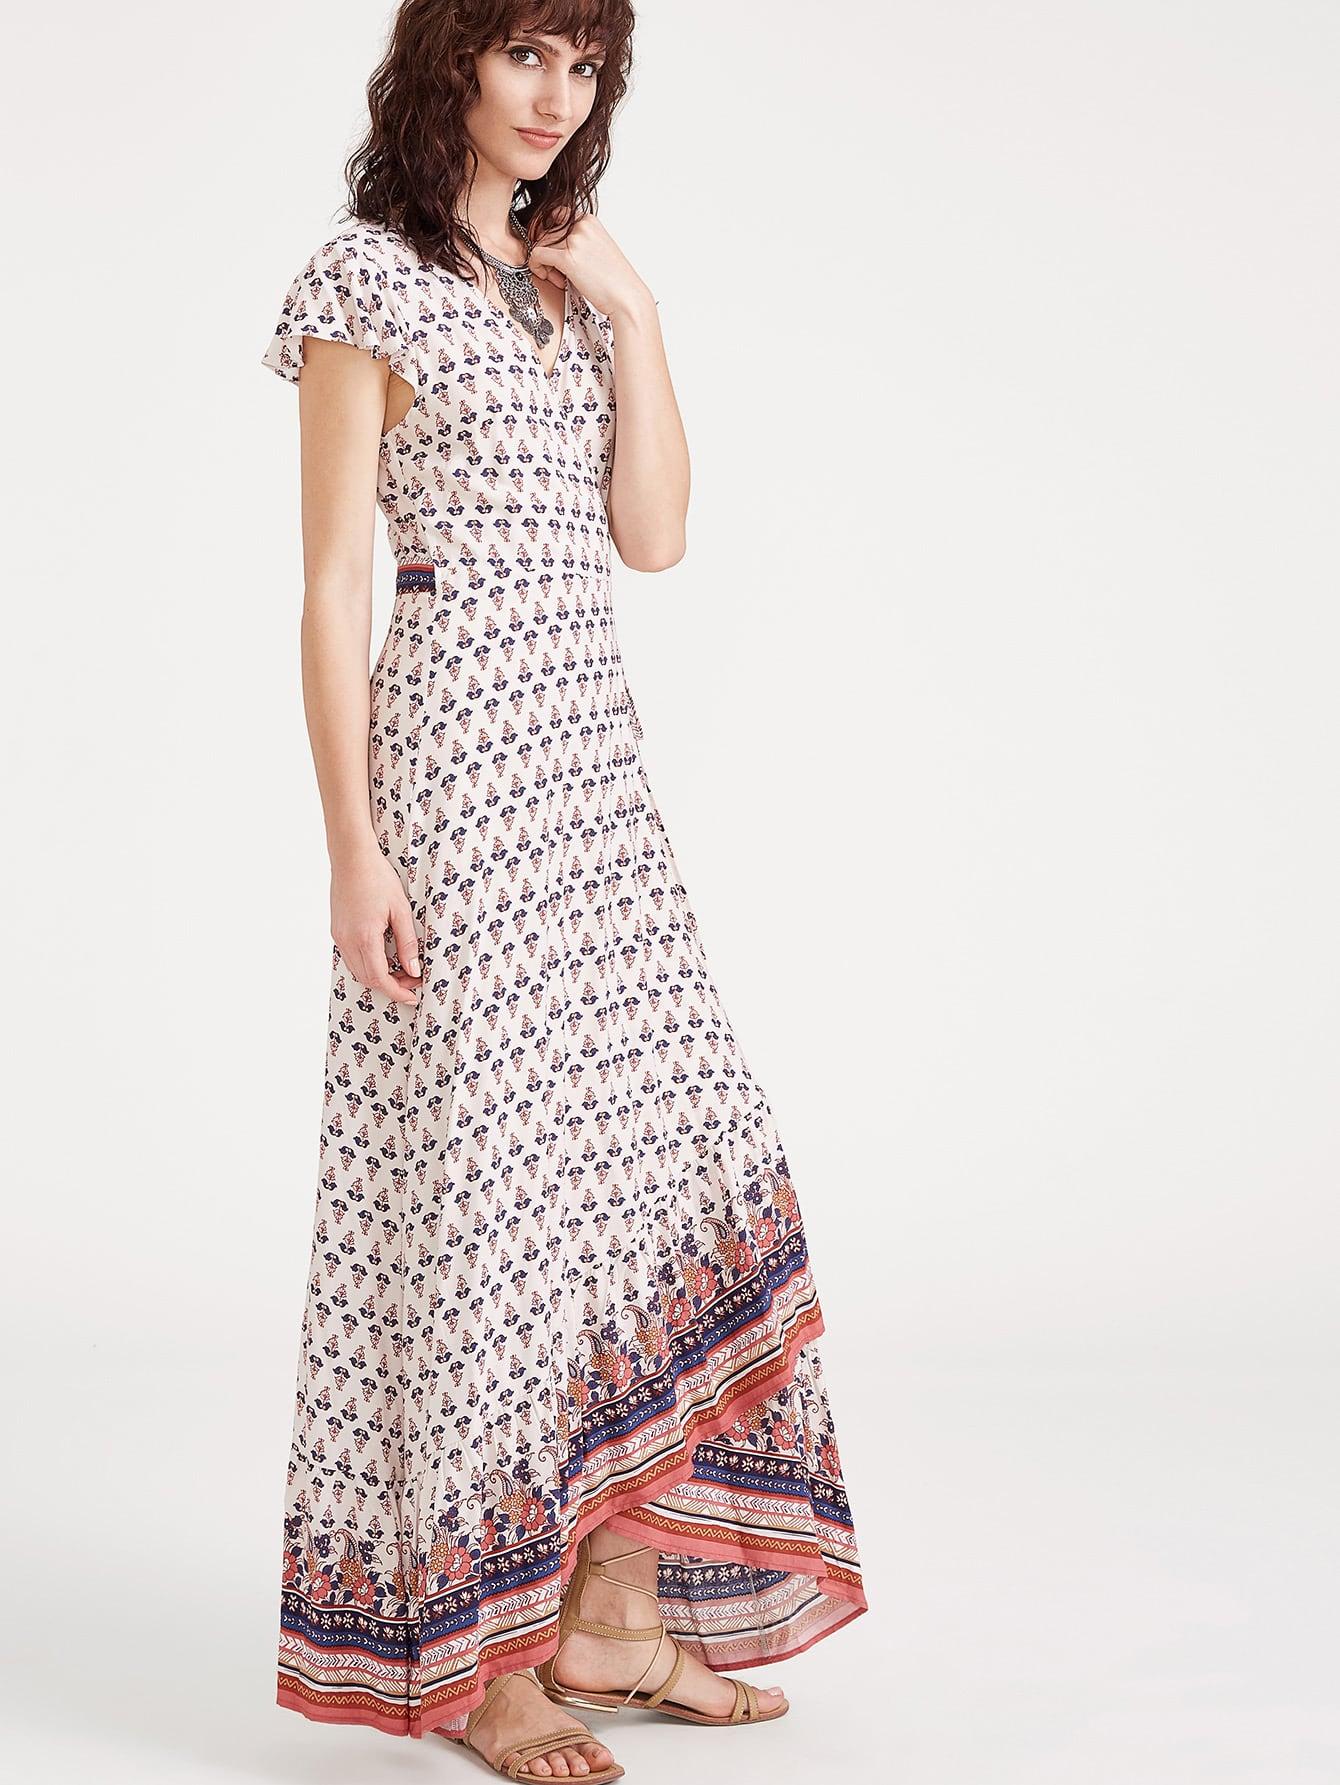 dress170309450_2